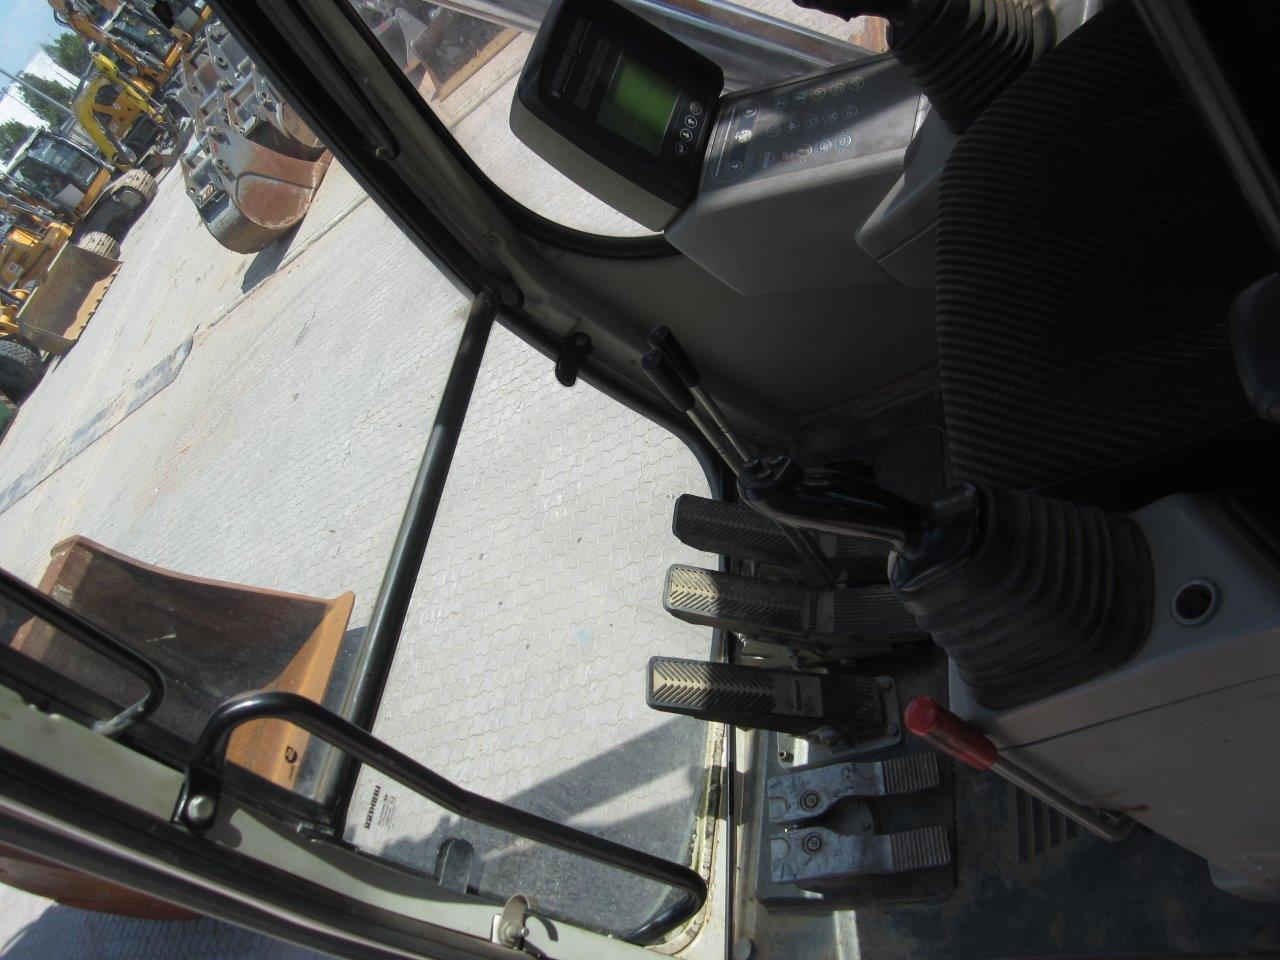 R954C V LI-780-19215_006.jpg